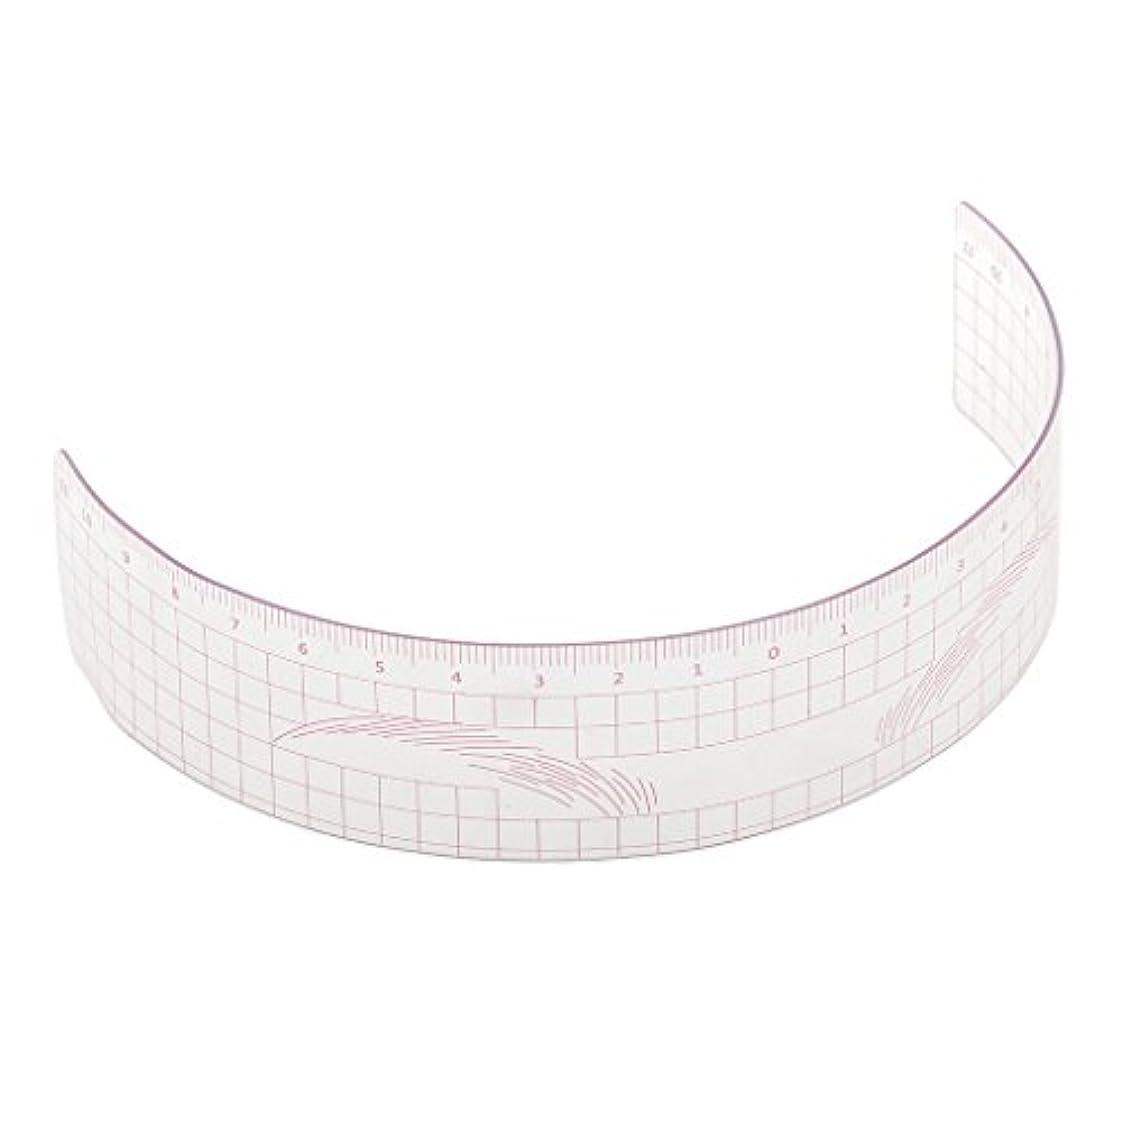 シェトランド諸島一族コック眉毛の定規 眉毛ステンシル 眉毛ルーラー 測定用 ルーラー マイクロブレード 再利用可能 全3色 - ピンク